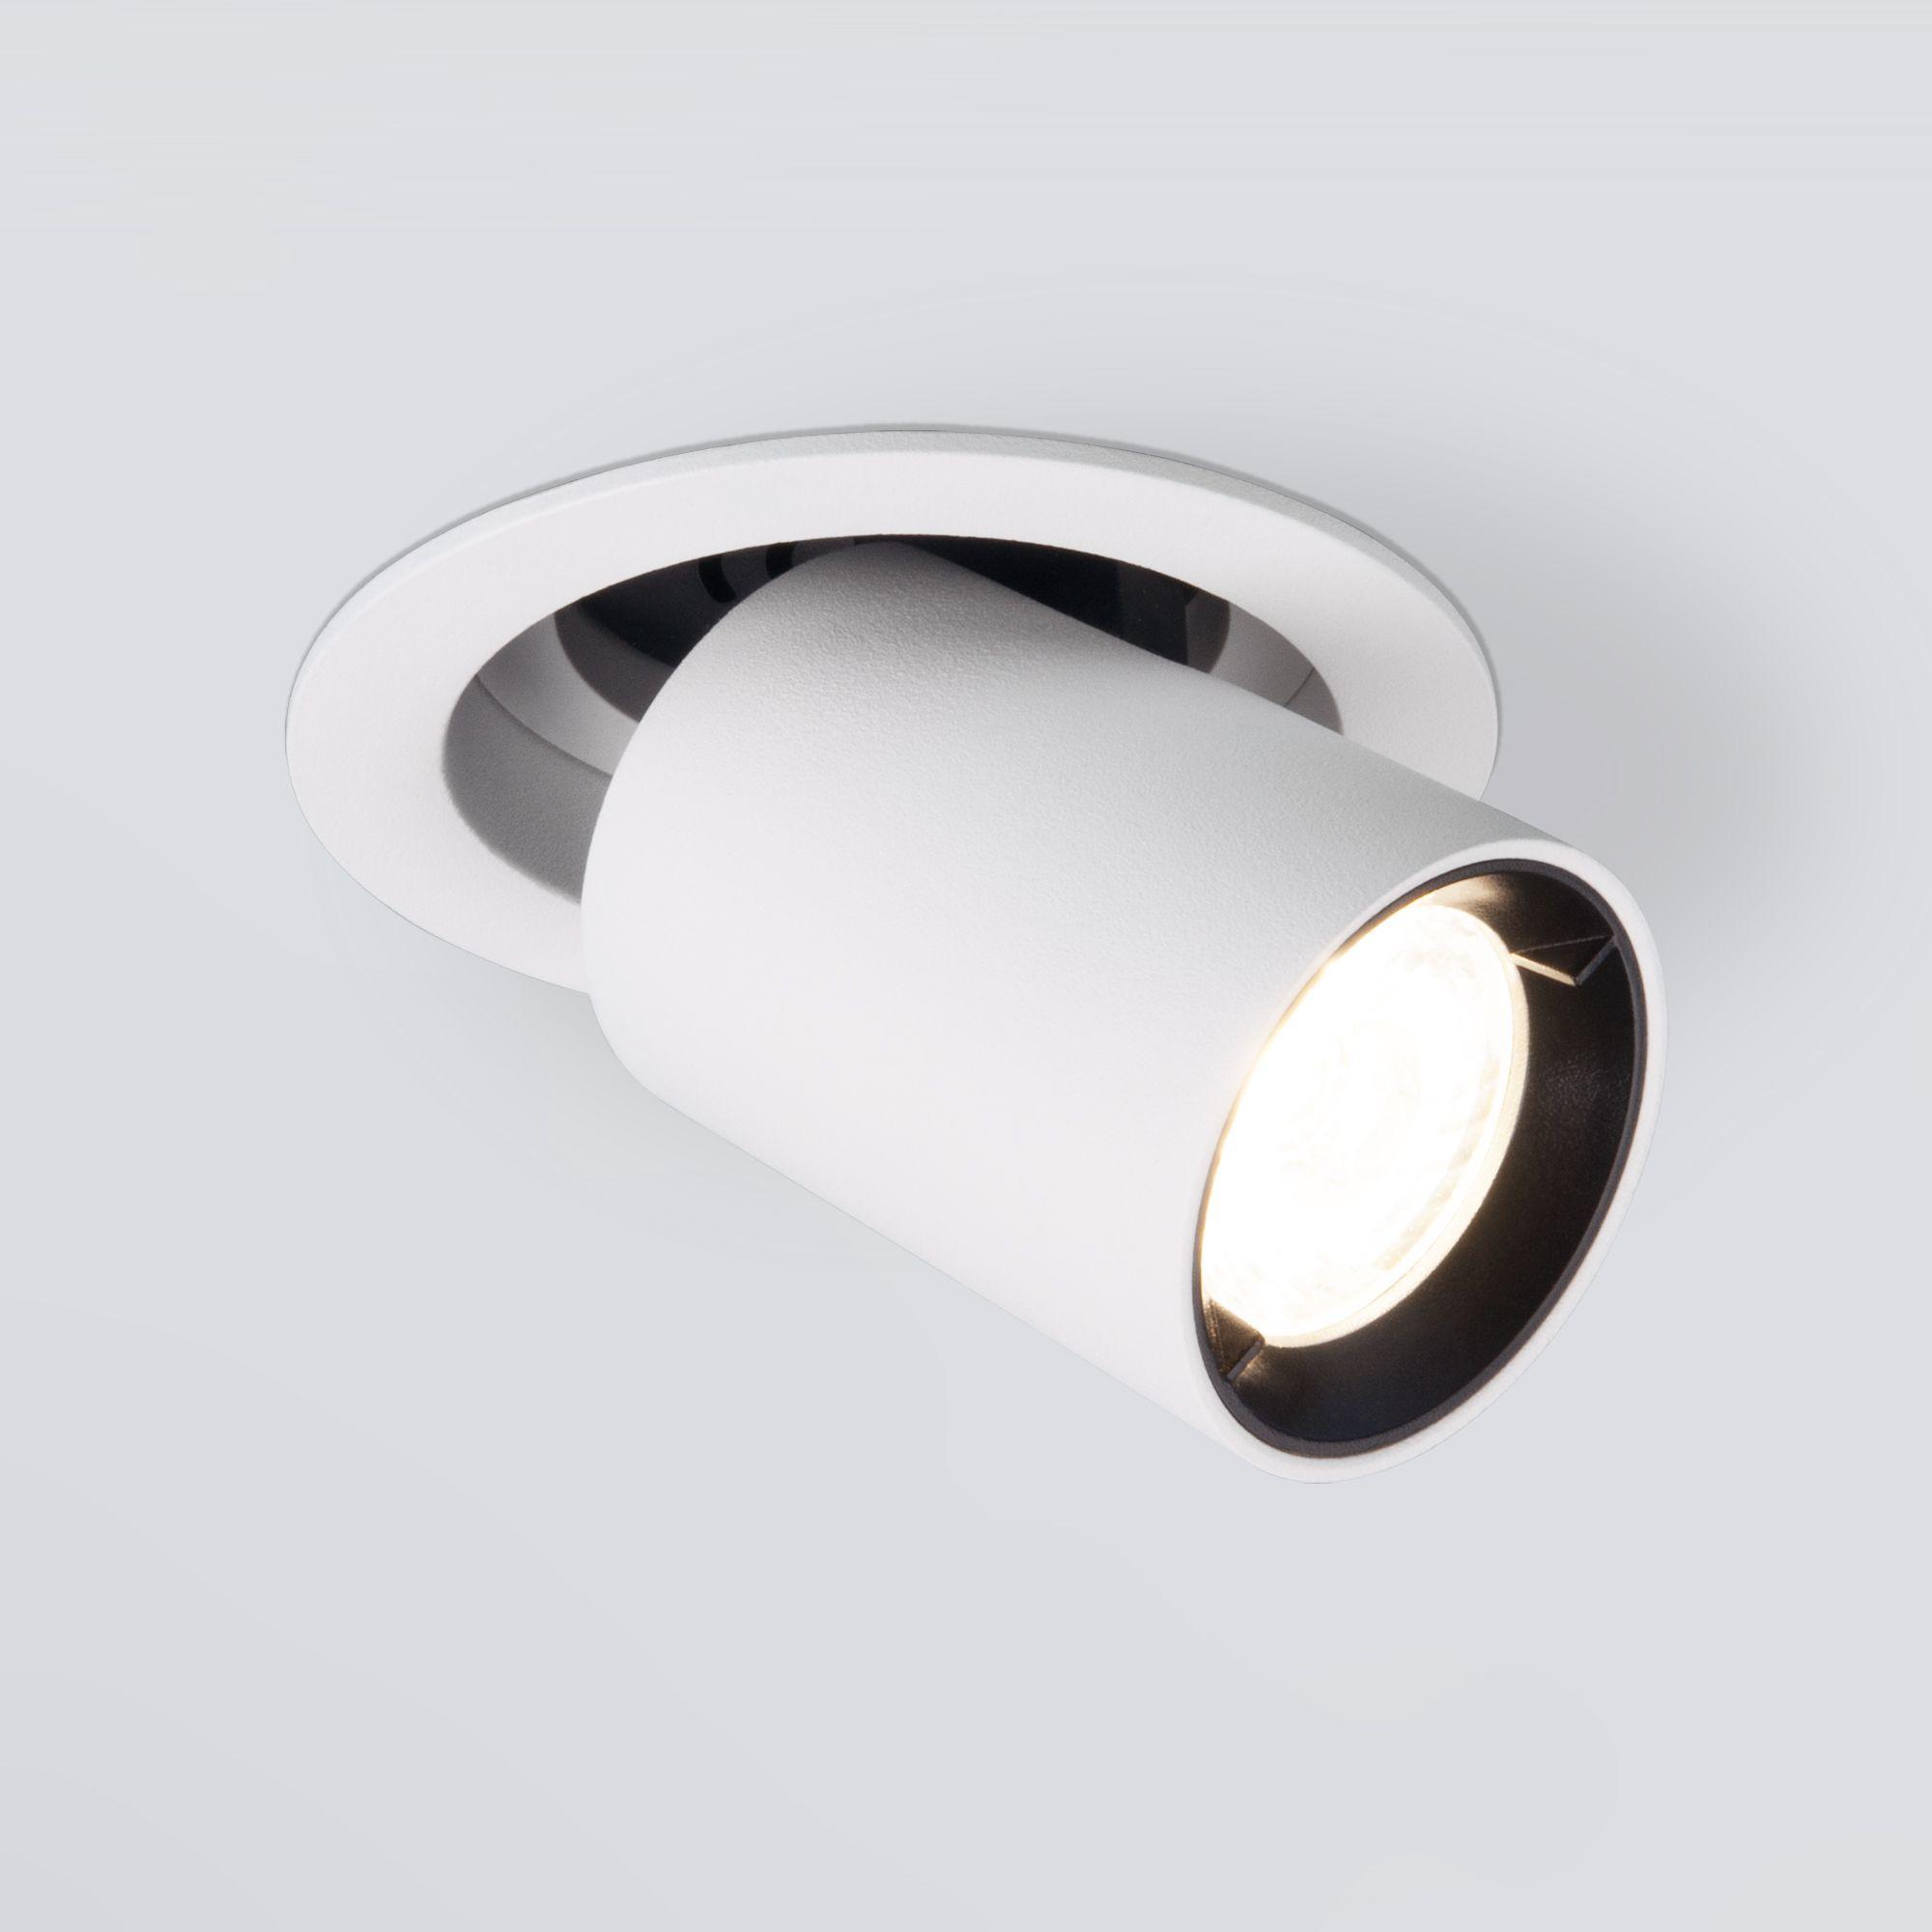 Встраиваемый точечный светодиодный светильник 9917 LED 10W 4200K белый матовый